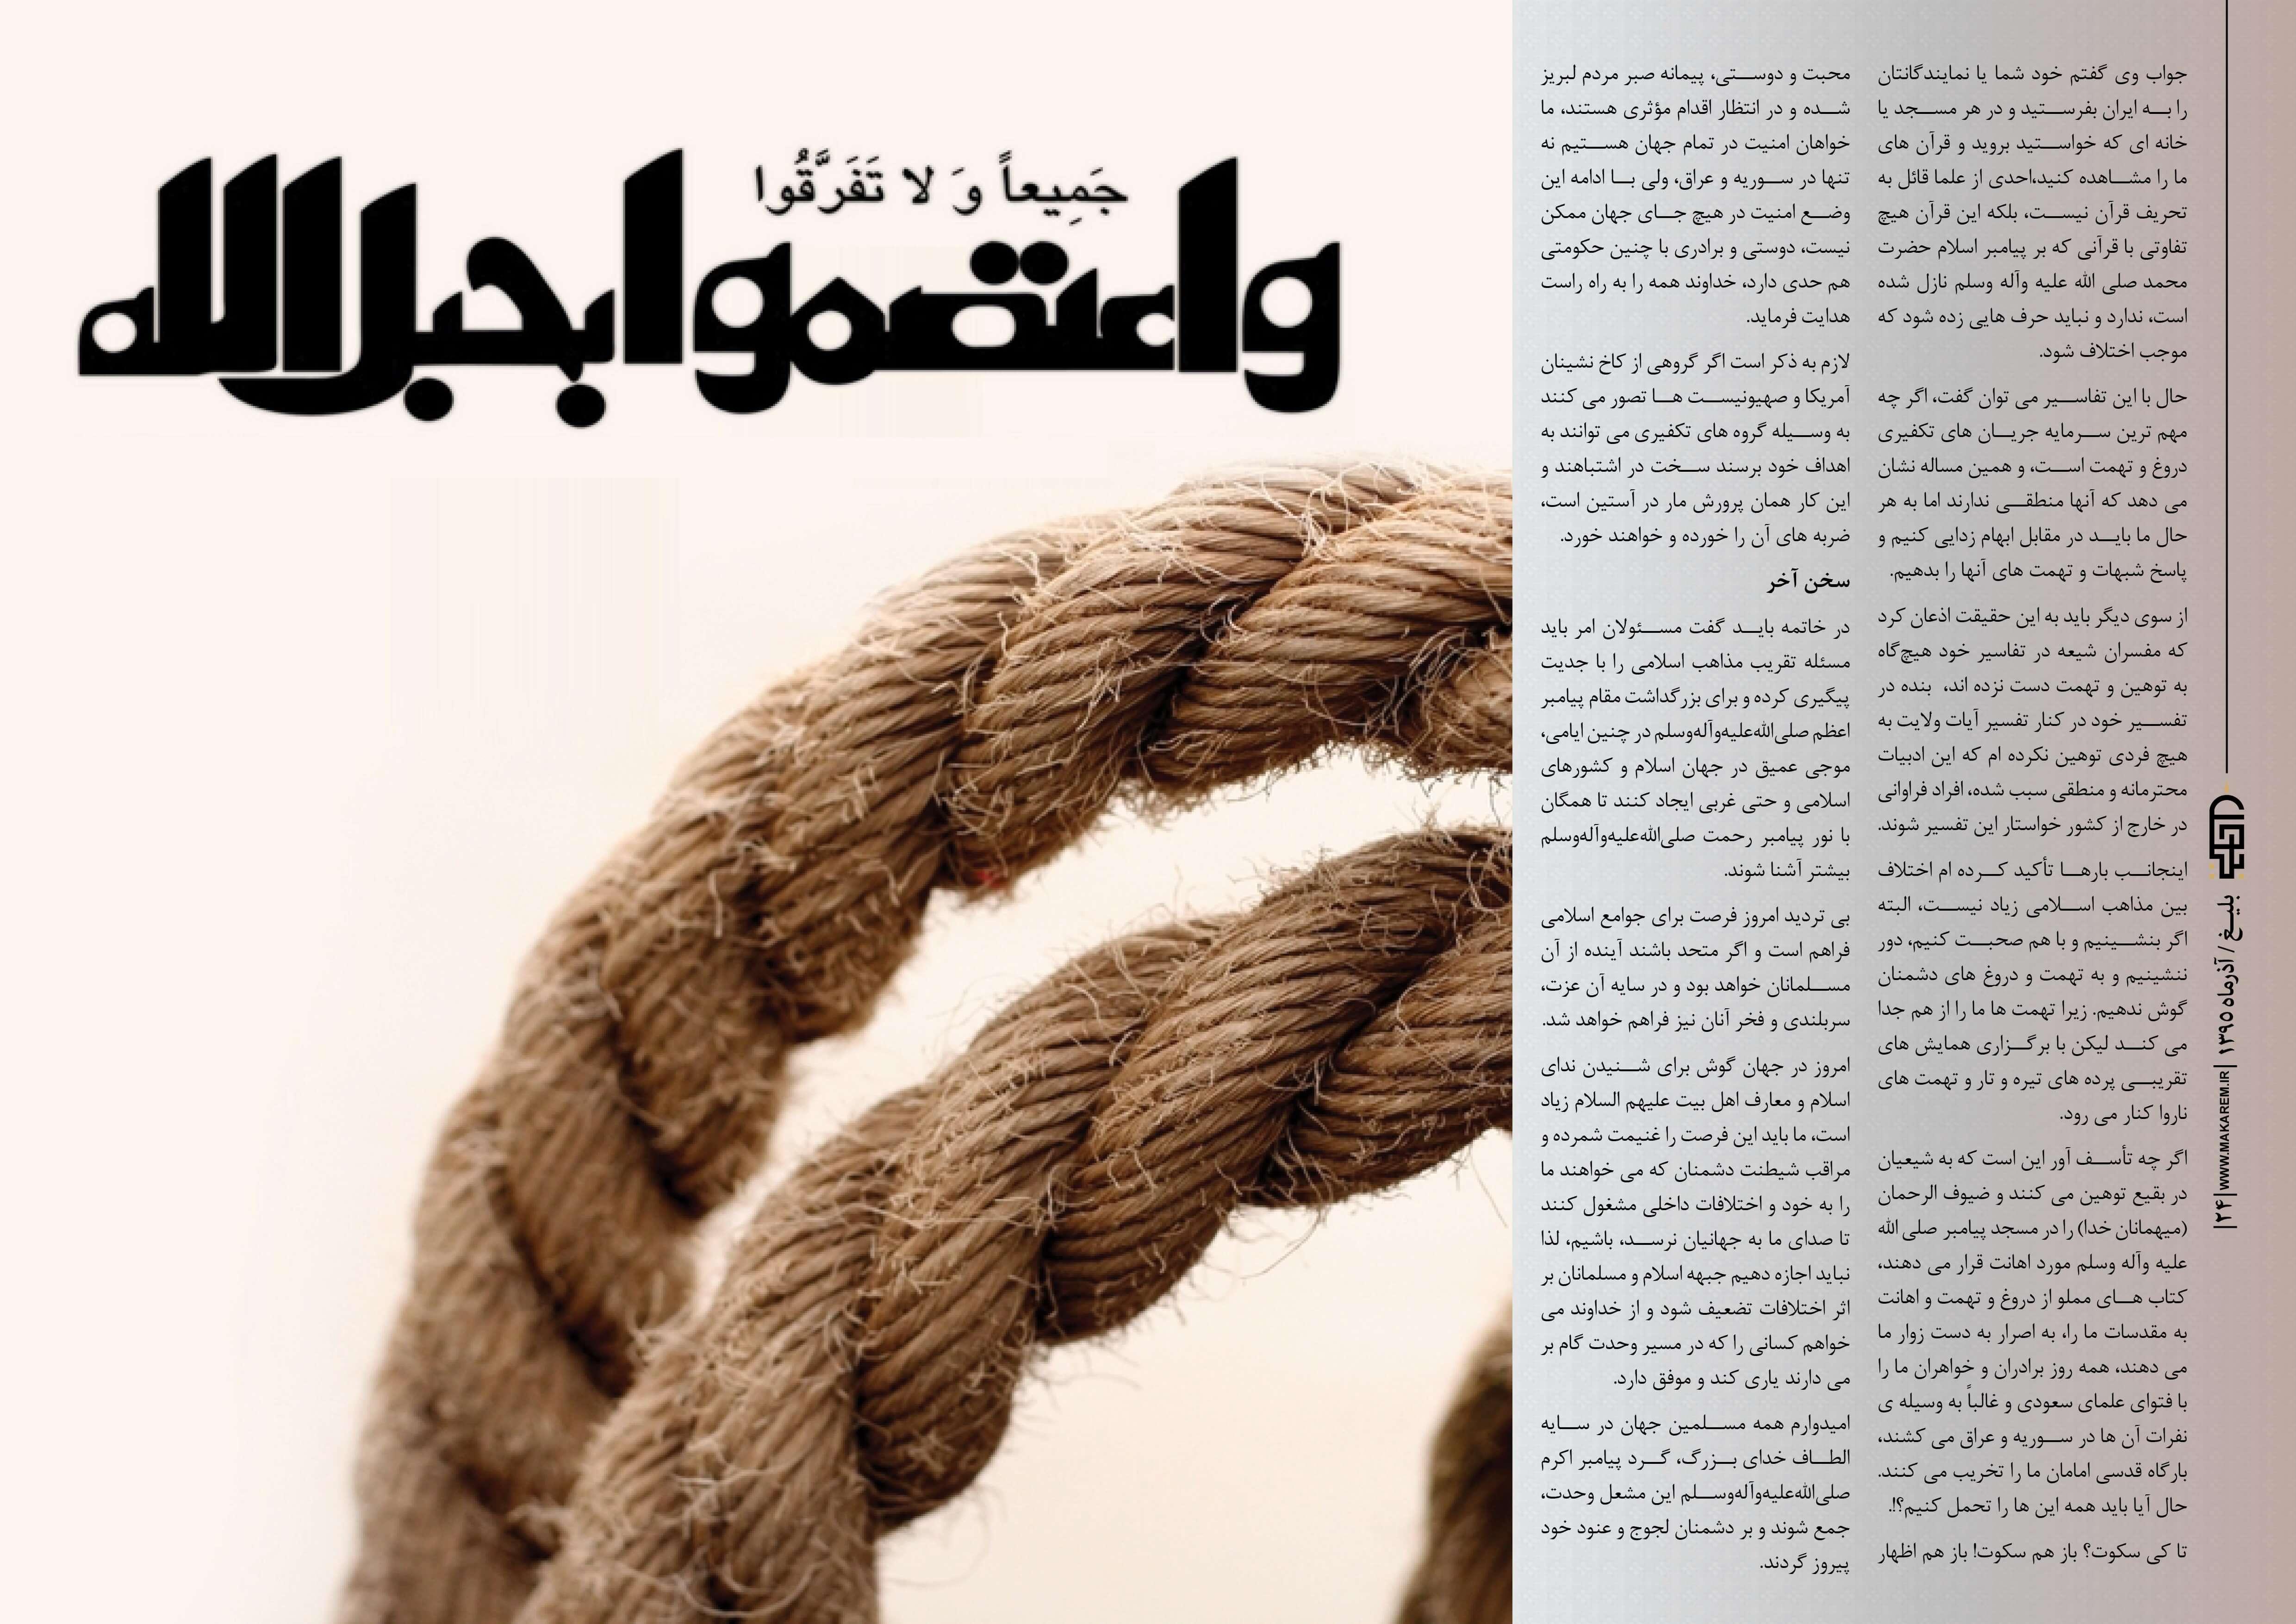 راهکارها و راهبردهای تحقق وحدت اسلامی از منظر معظم له-مدرسه الامام امیر المومنین (ع)